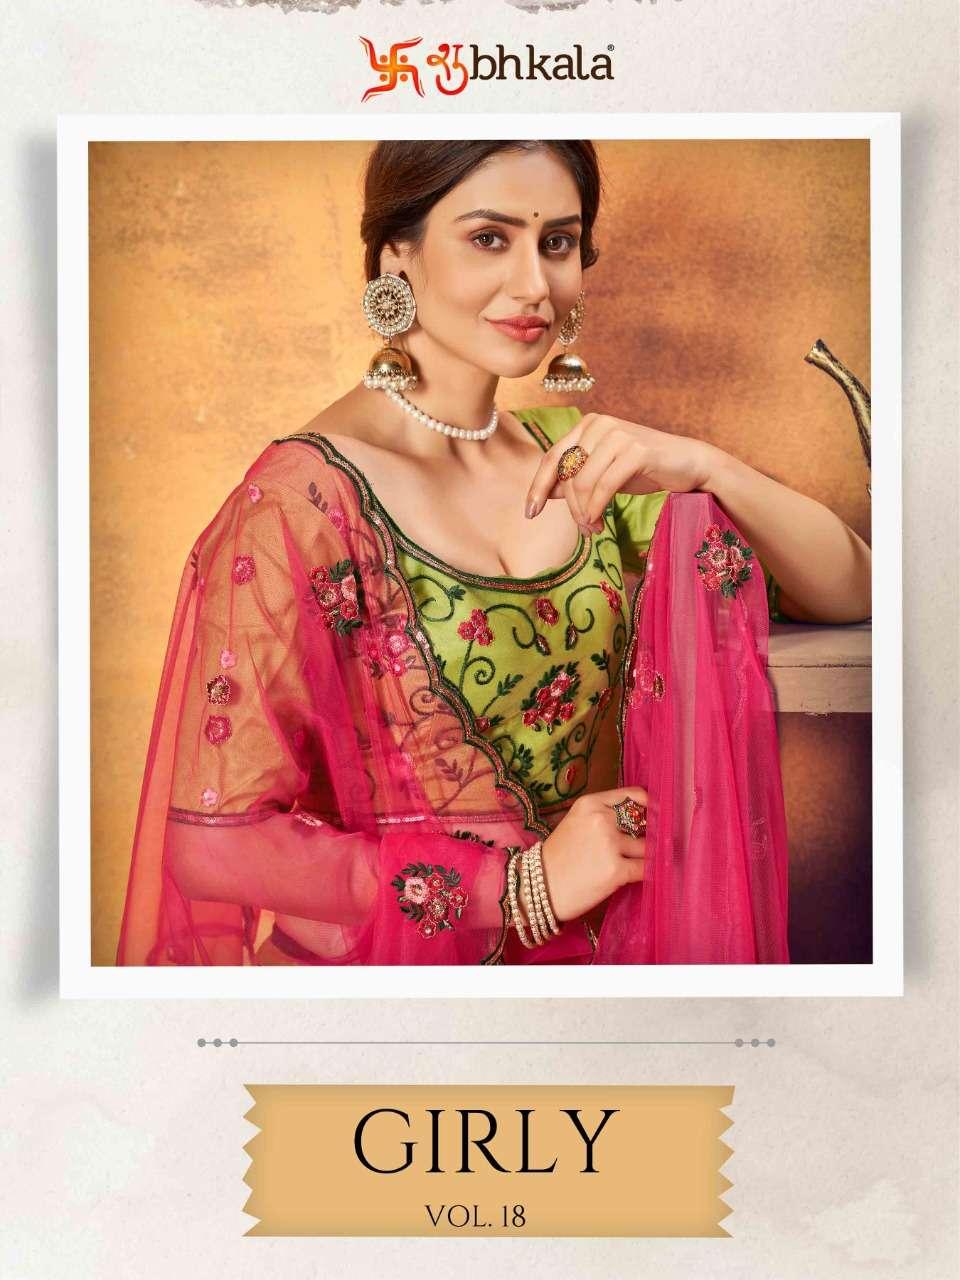 Shubhkala Girly Vol. 18 Exclusive Designer Ready To Ship Lehenga Choli Collection